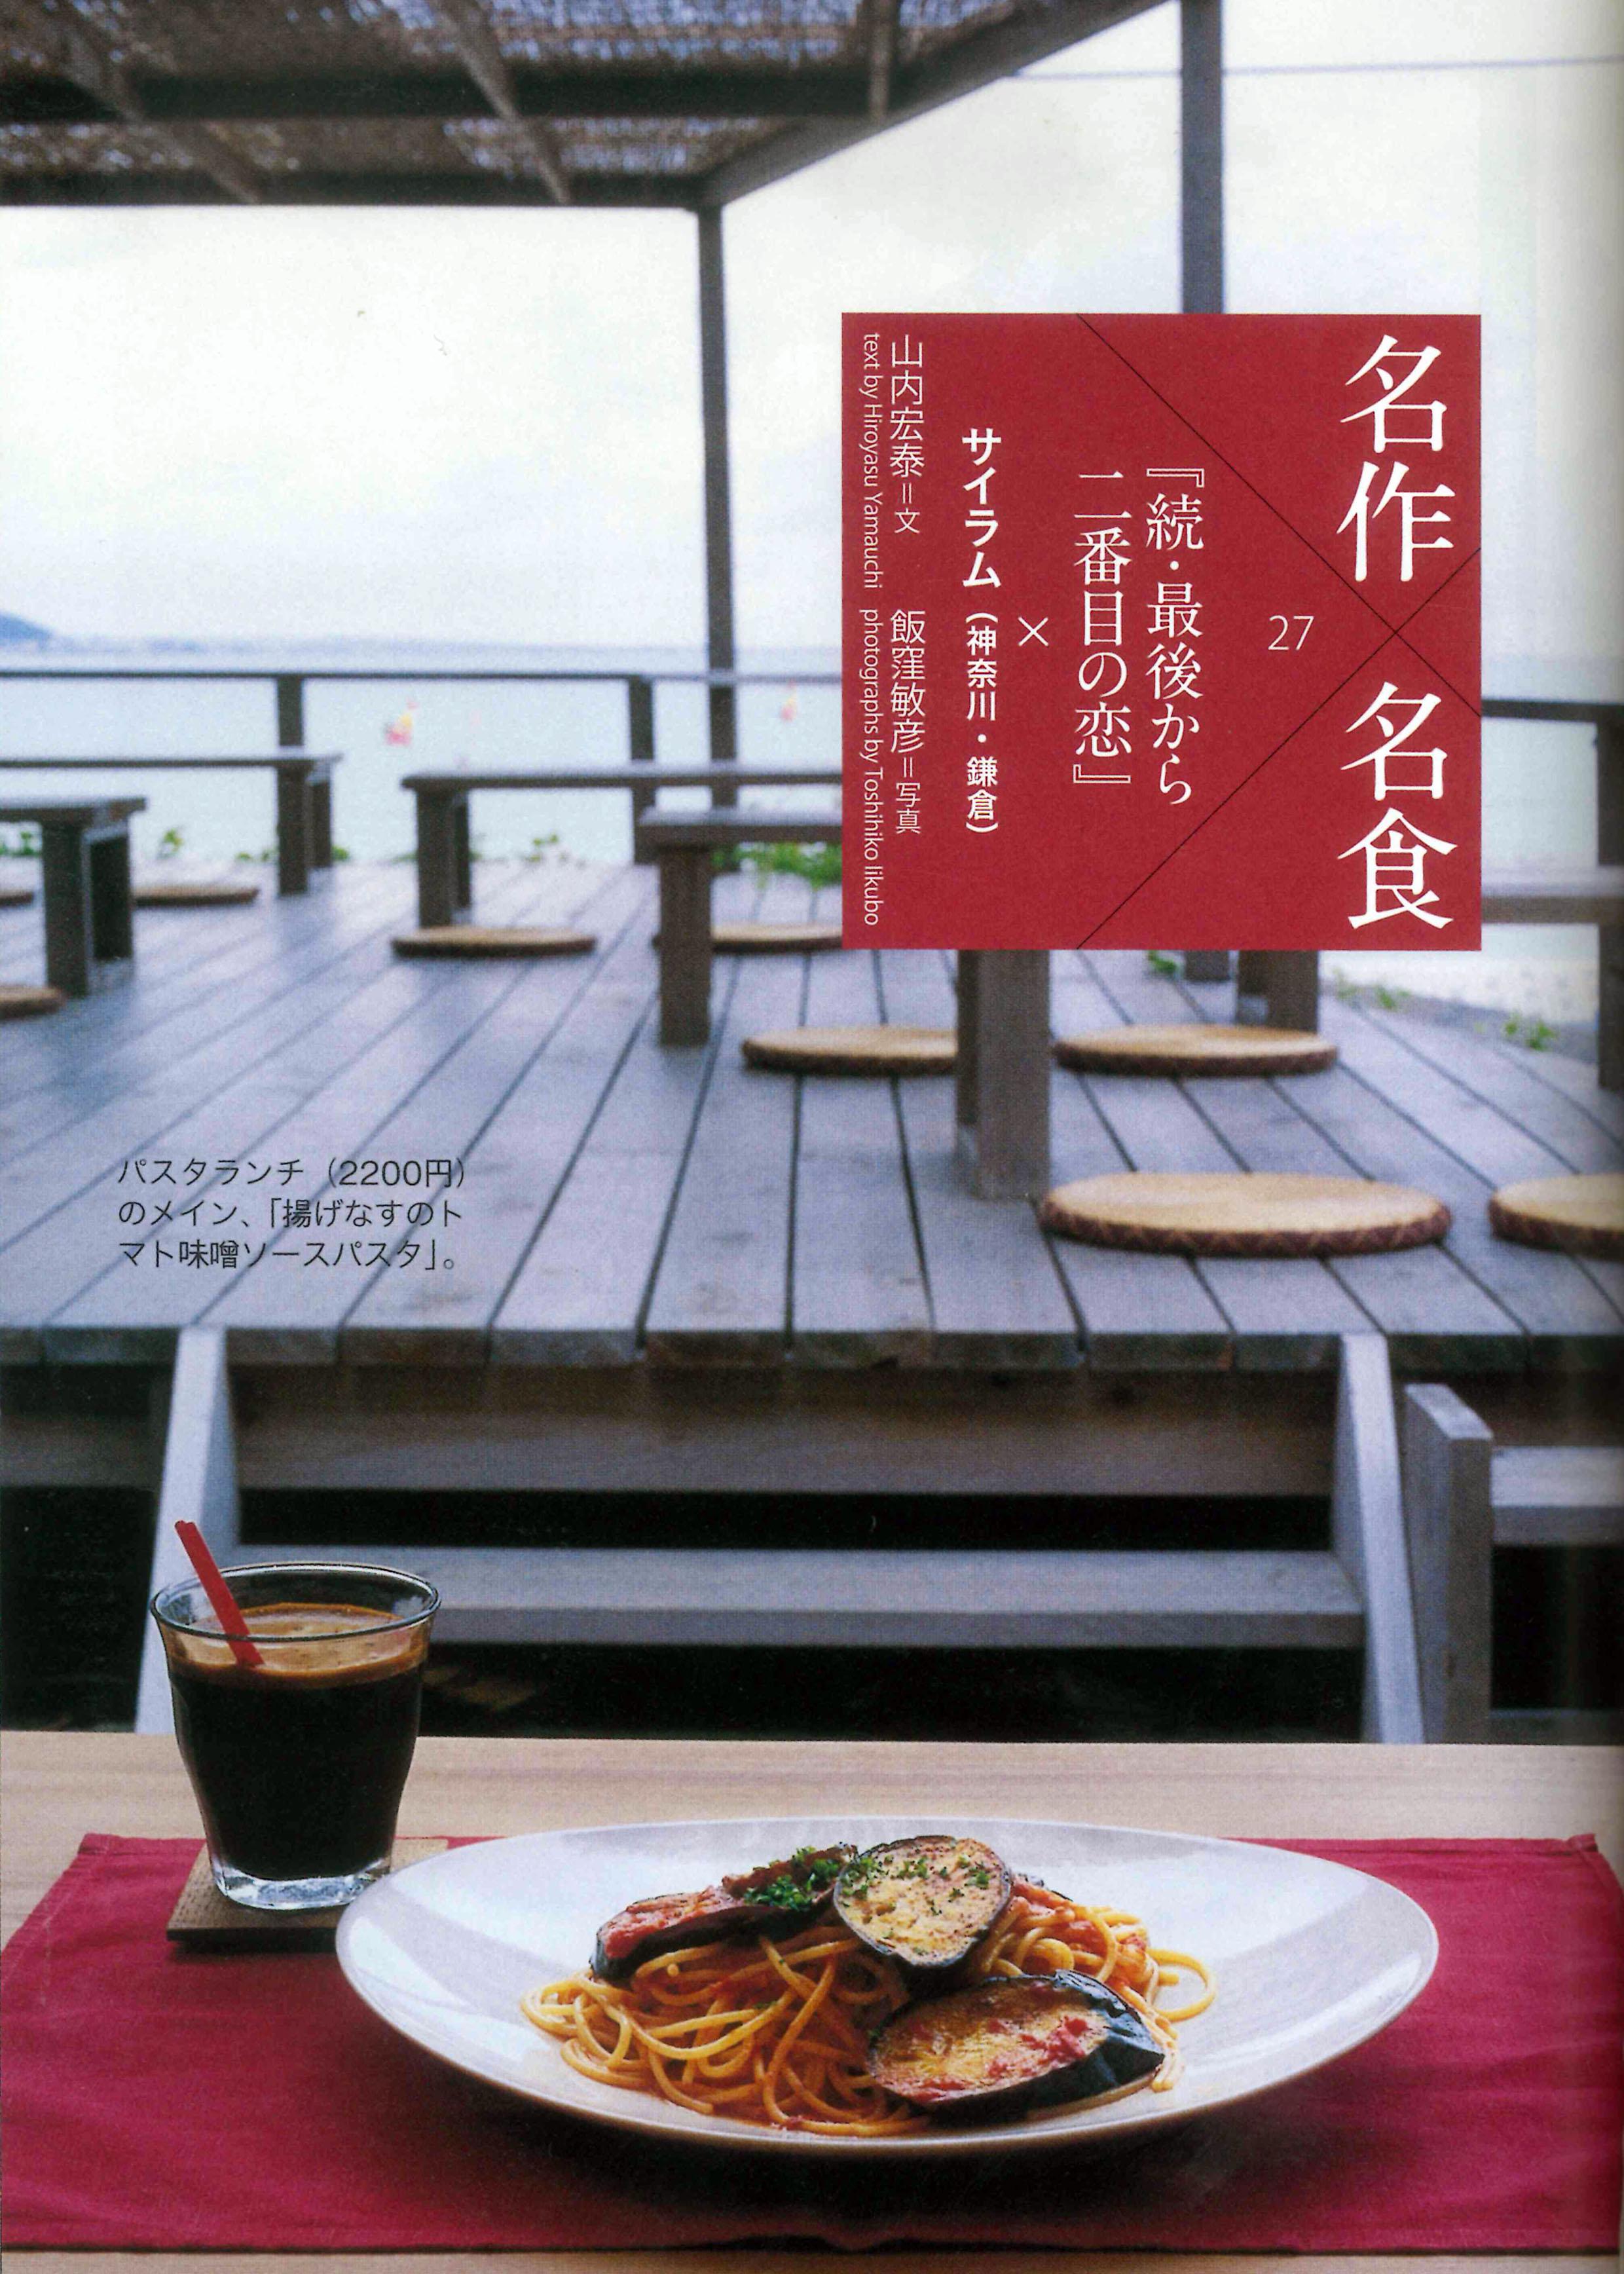 鎌倉のヴィーガンレストランSAIRAMを・・・